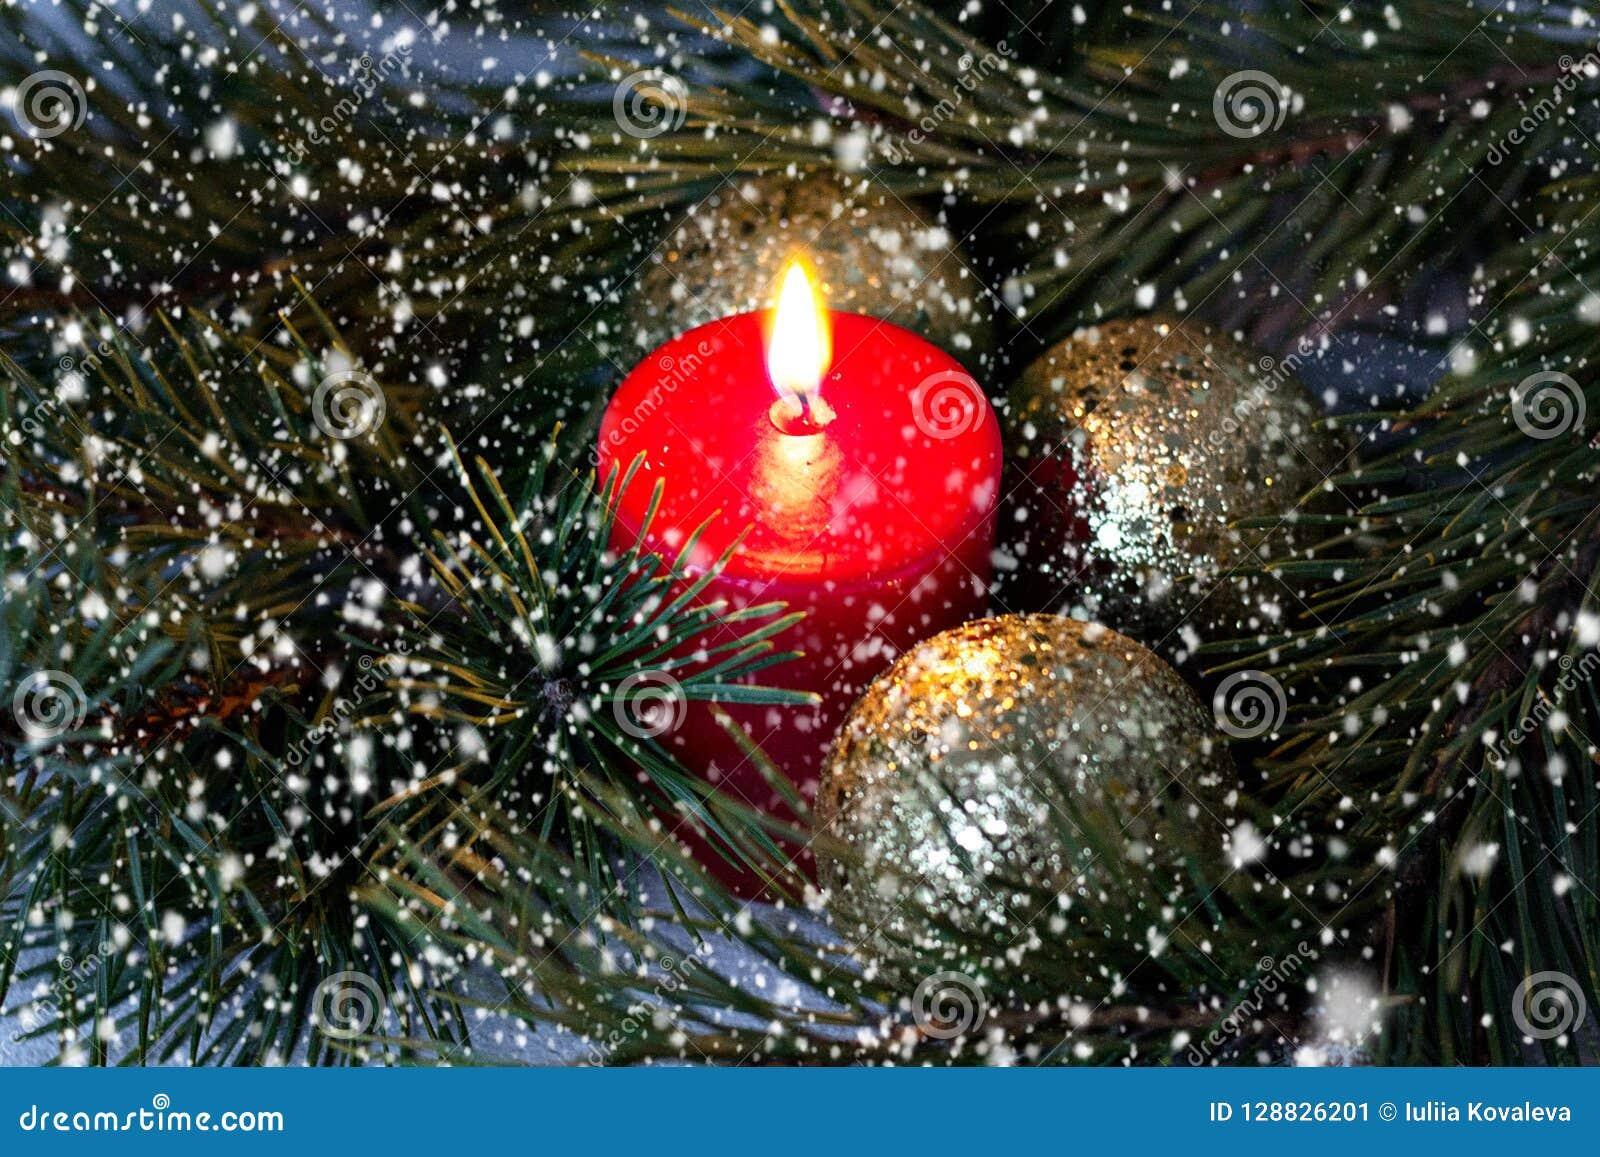 Το κόκκινο καίγοντας κερί και οι χρυσές σφαίρες Χριστουγέννων με ένα έλατο διακλαδίζονται κάτω από το πηγαίνοντας χιόνι